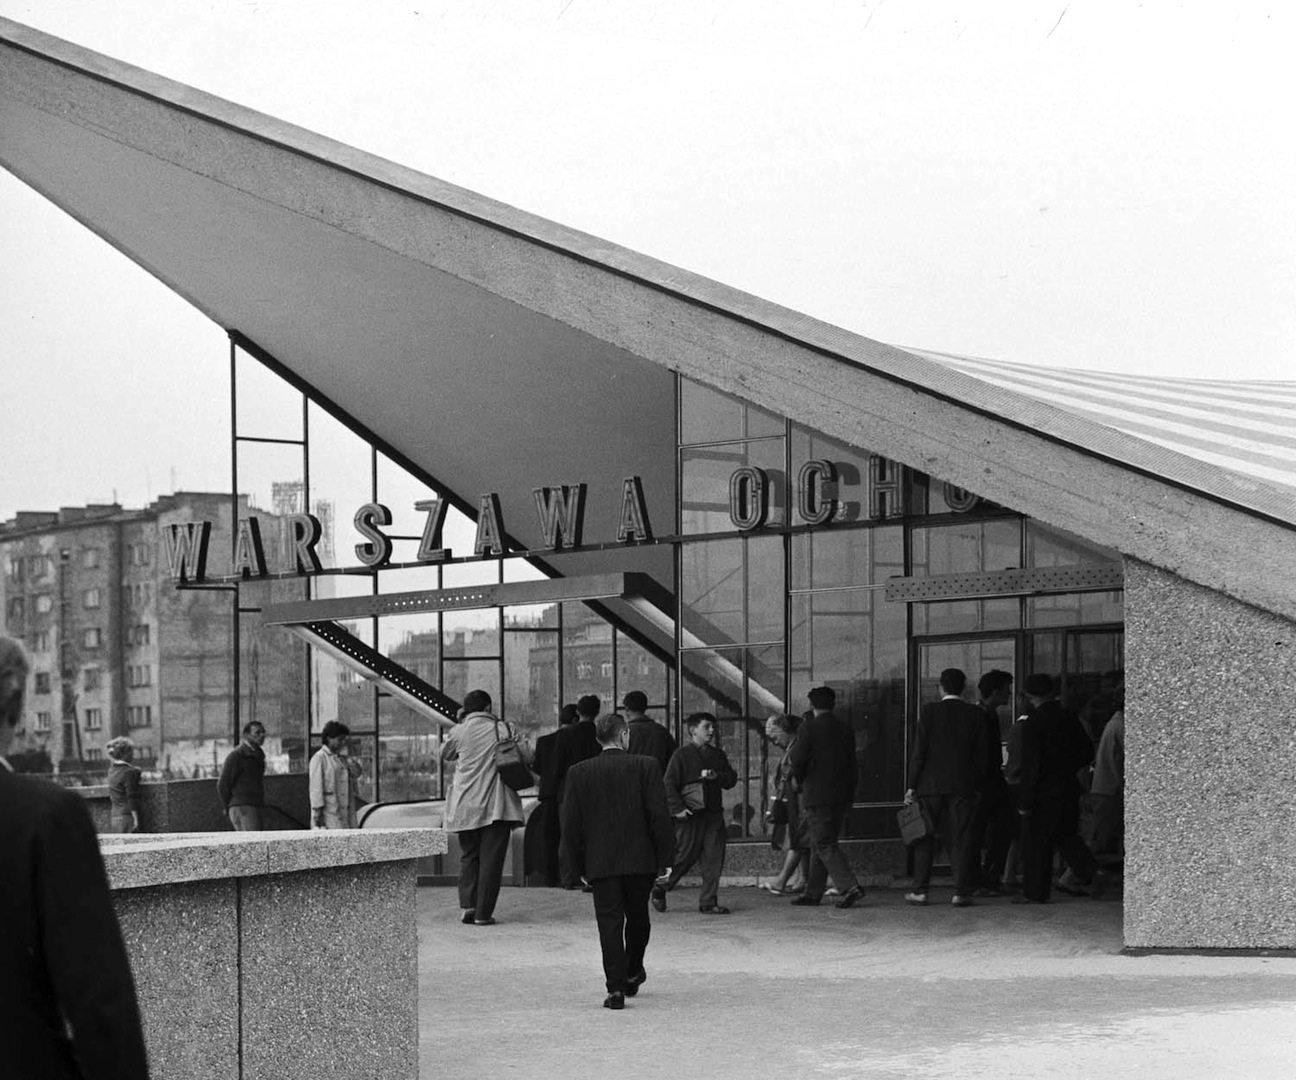 Bahnhof Ochota. In Warschau